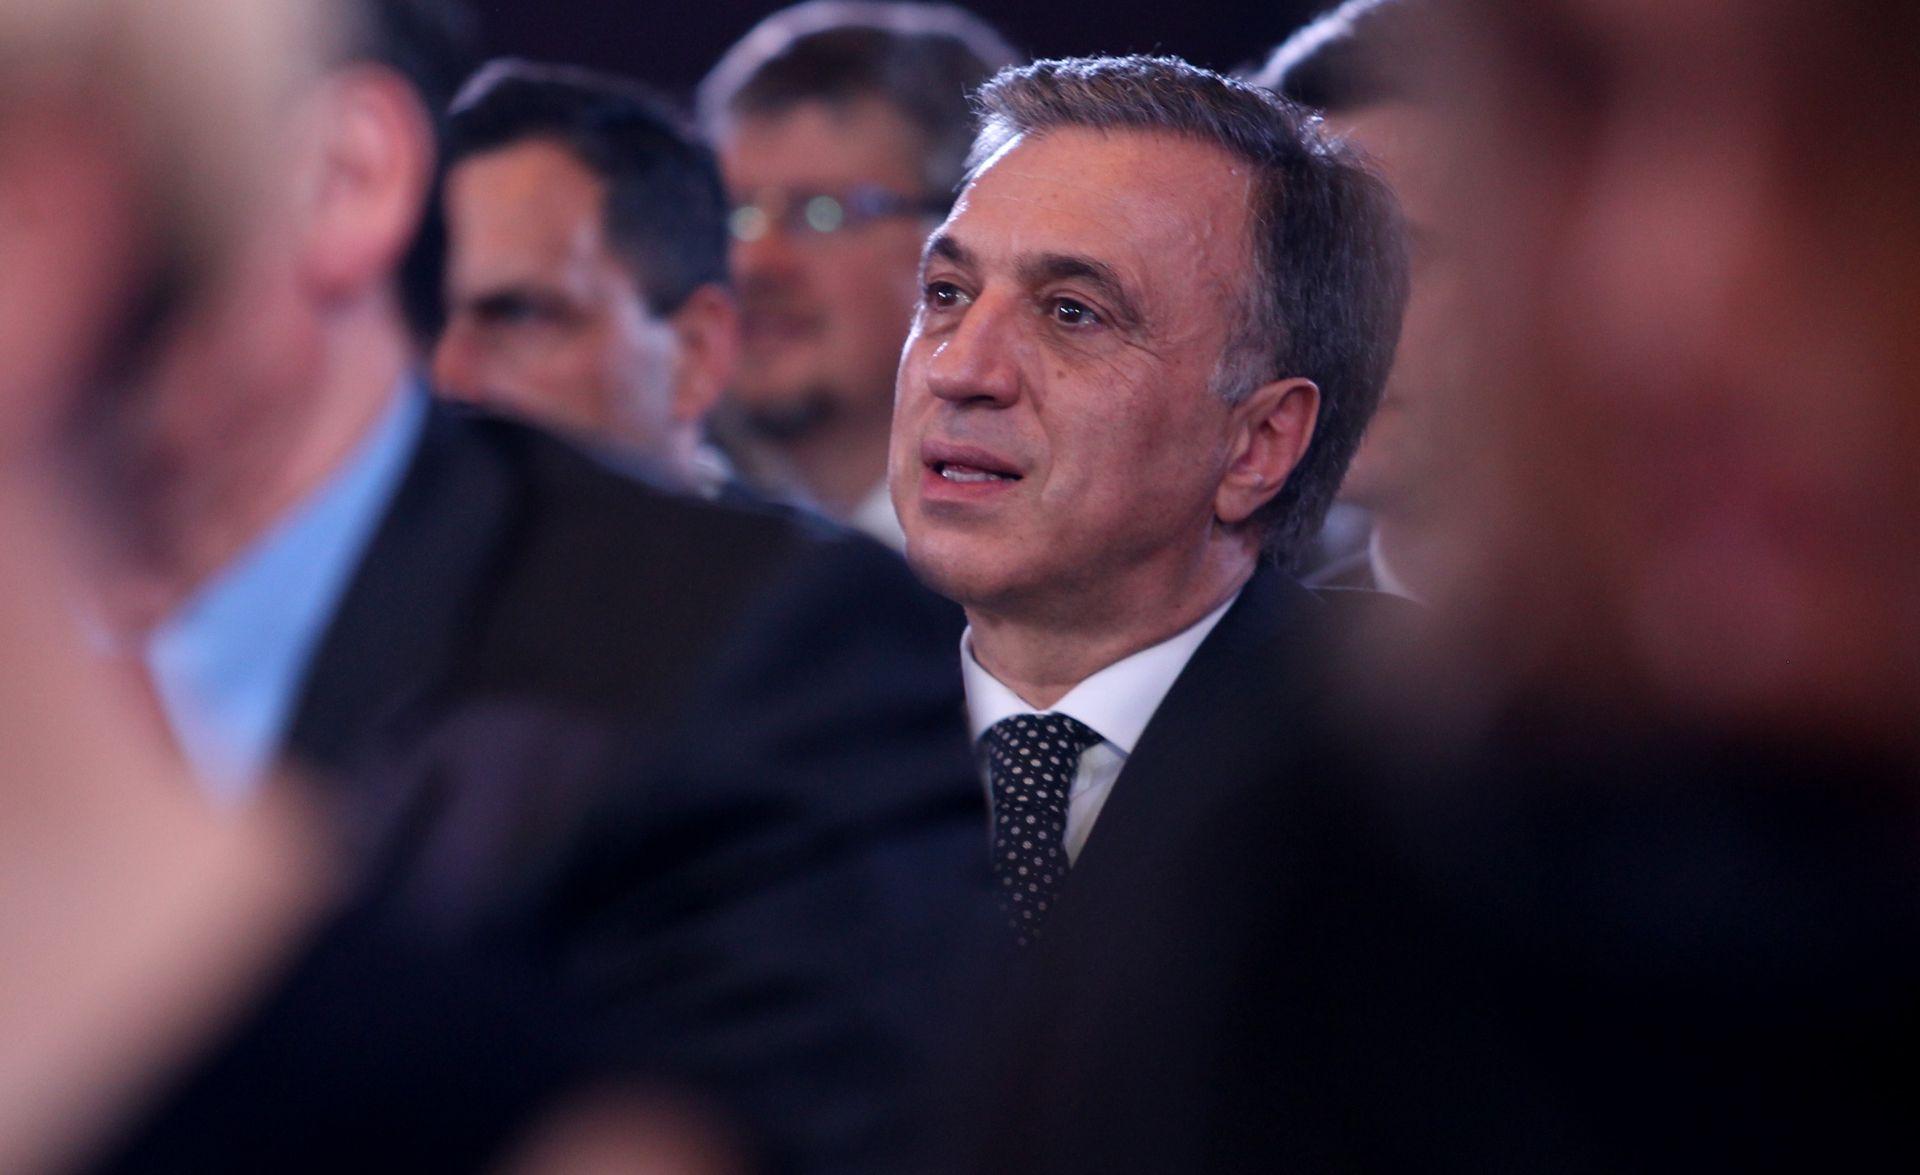 Crnogorski predsjednik postumno odlikovao admirala Barovića, koji je odbio napasti Dalmaciju